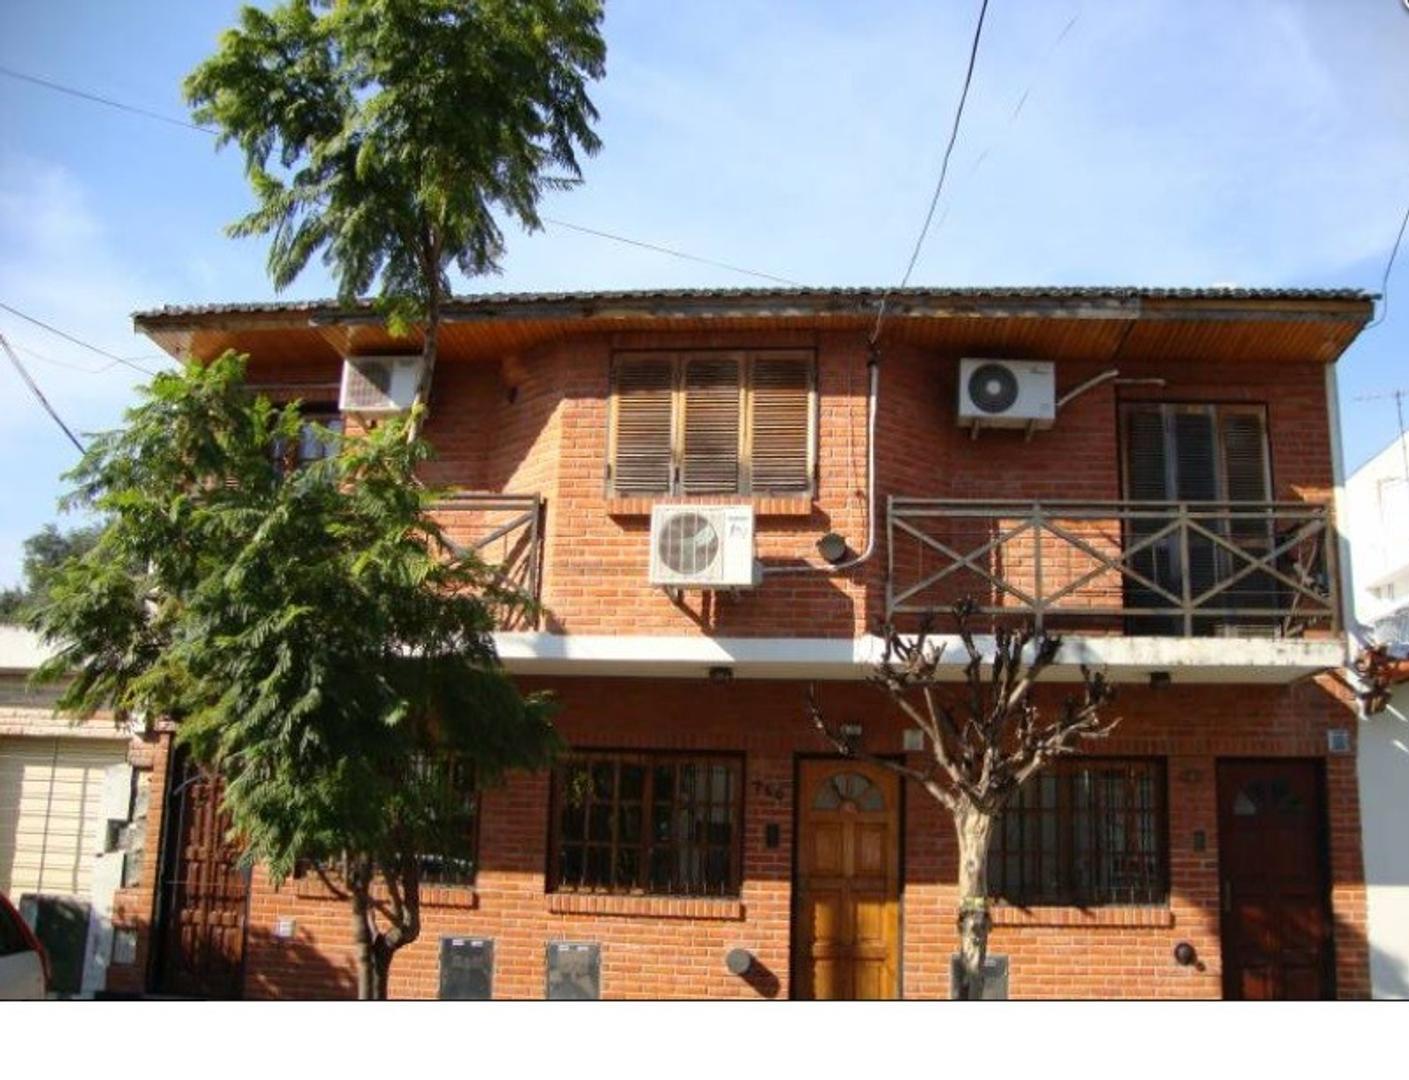 XINTEL(MGG-MGG-1848) Casa - Venta - Argentina, La Matanza - BERUTI 738